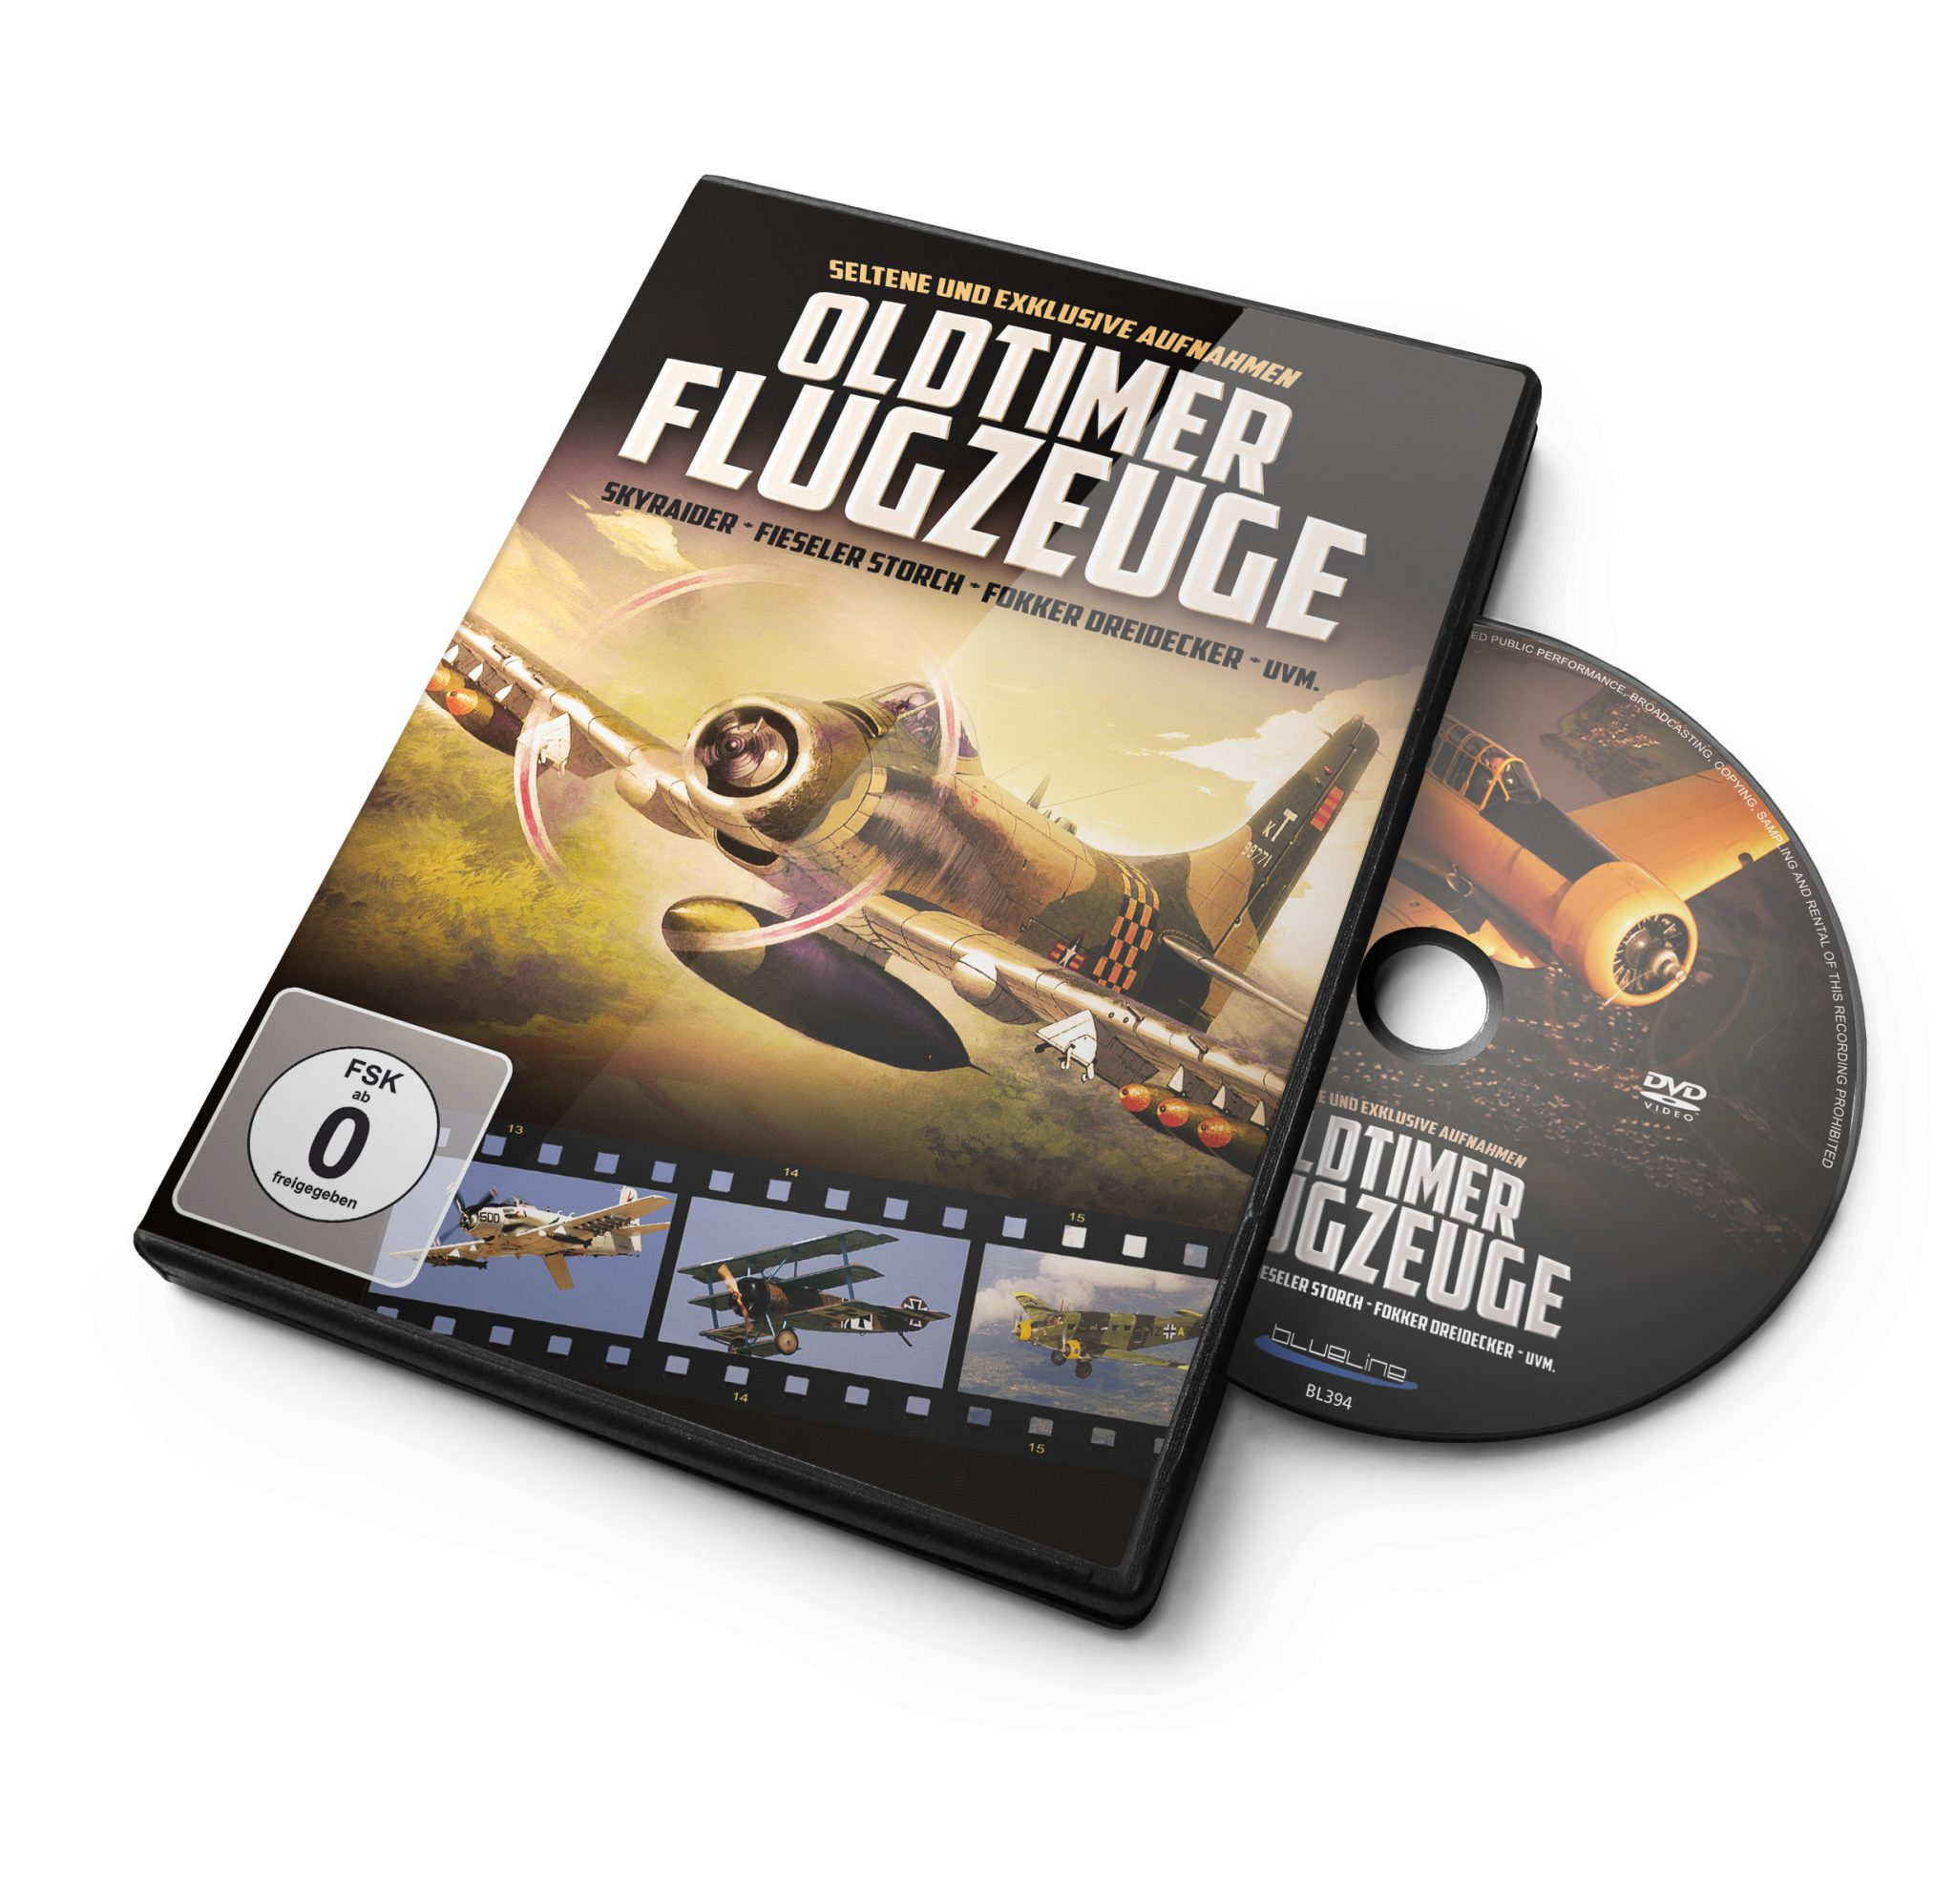 oldtimer flugzeuge_dvd